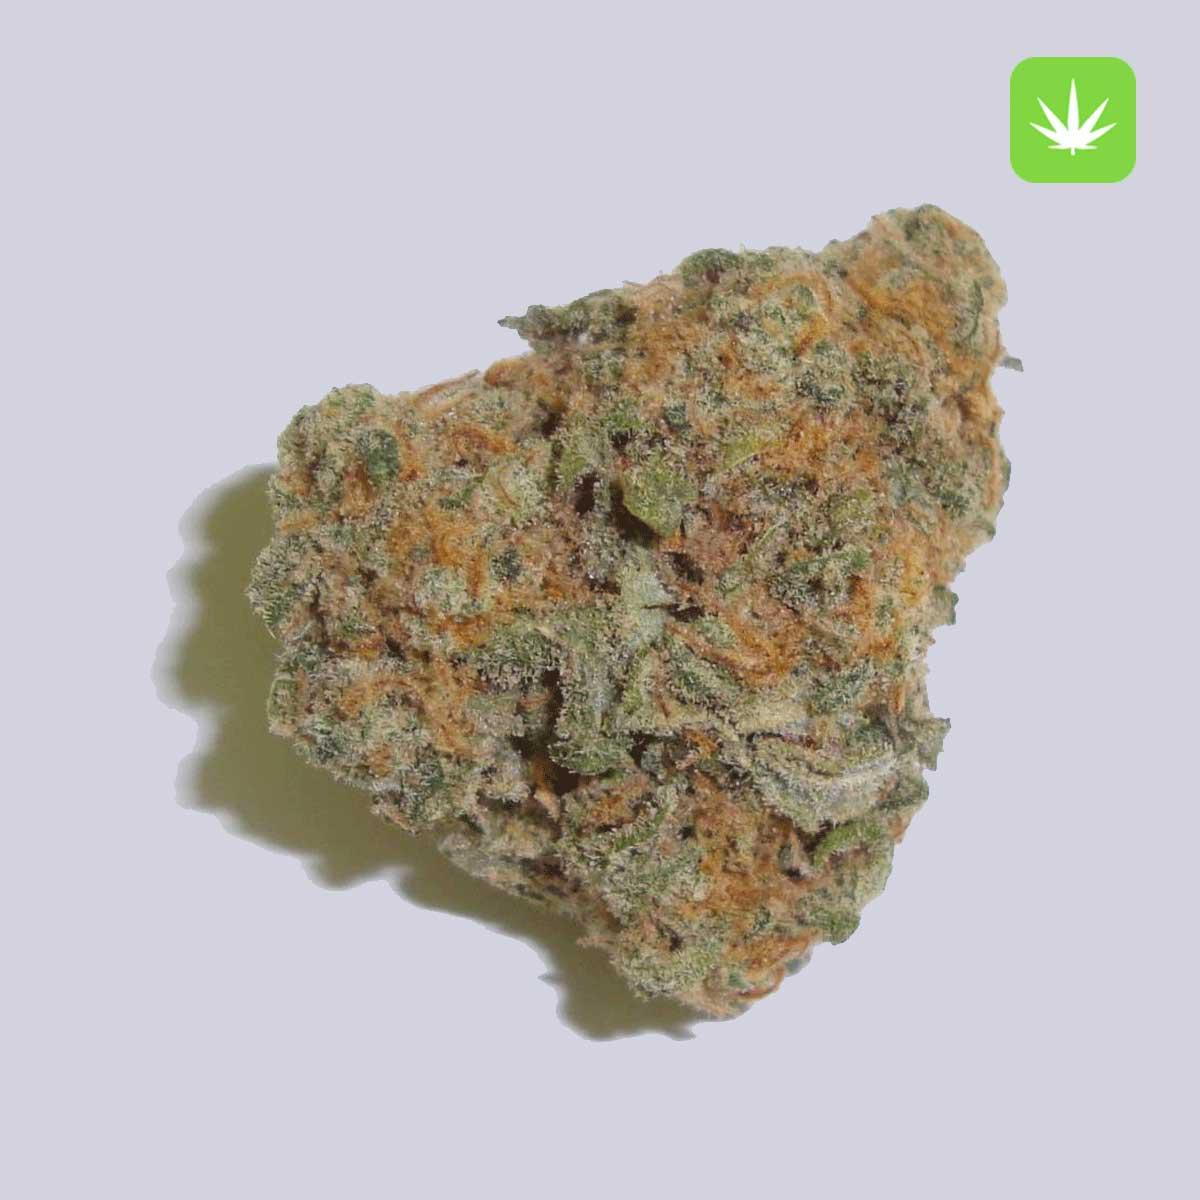 Green Crack Cannabis Avenue 1